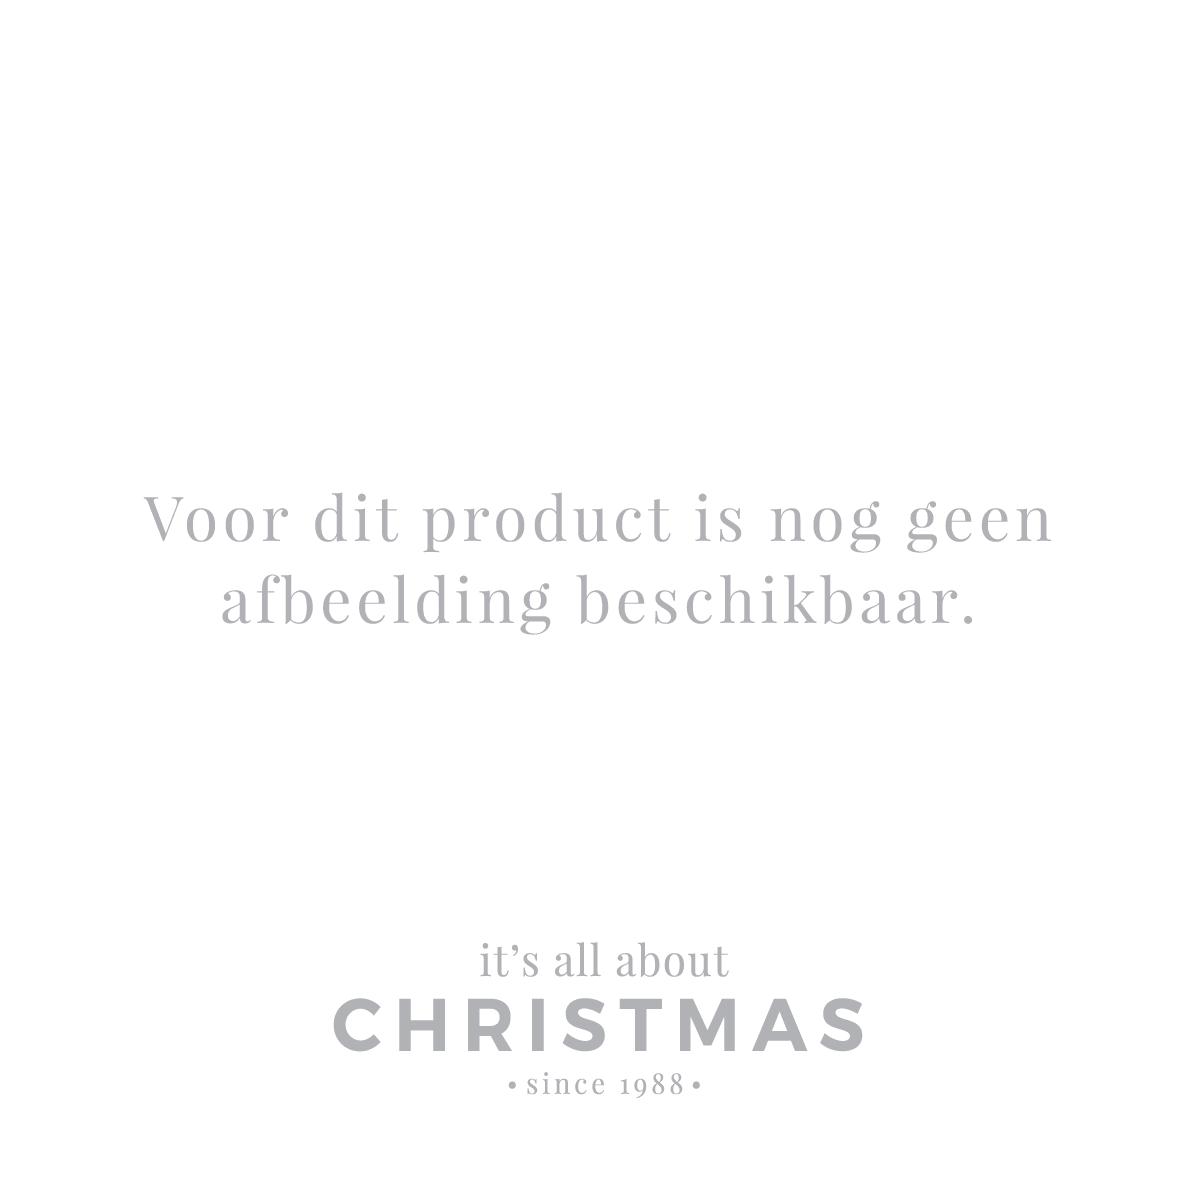 Batterij clusterverlichting voor buiten 100 LED warm wit